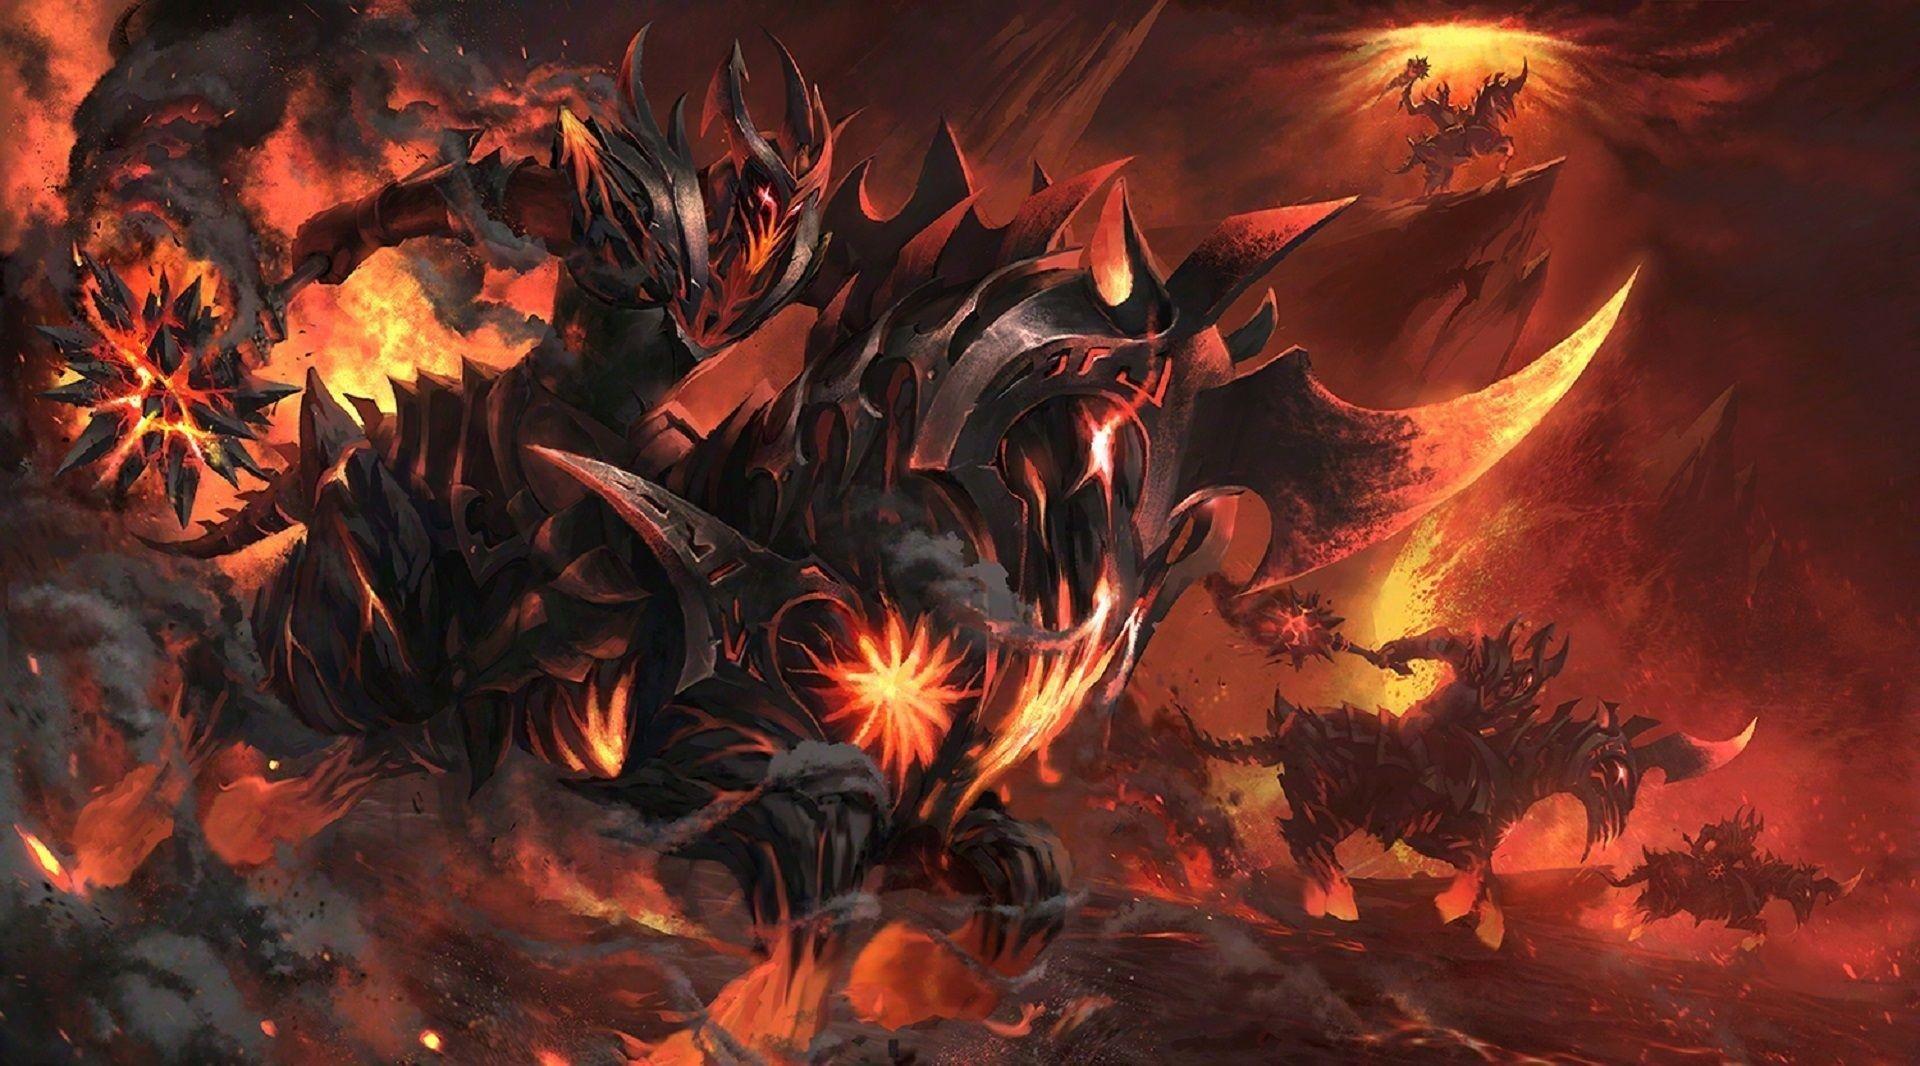 Керри ломающий мету Почему Chaos Knight сейчас хорош для игры в пабликах